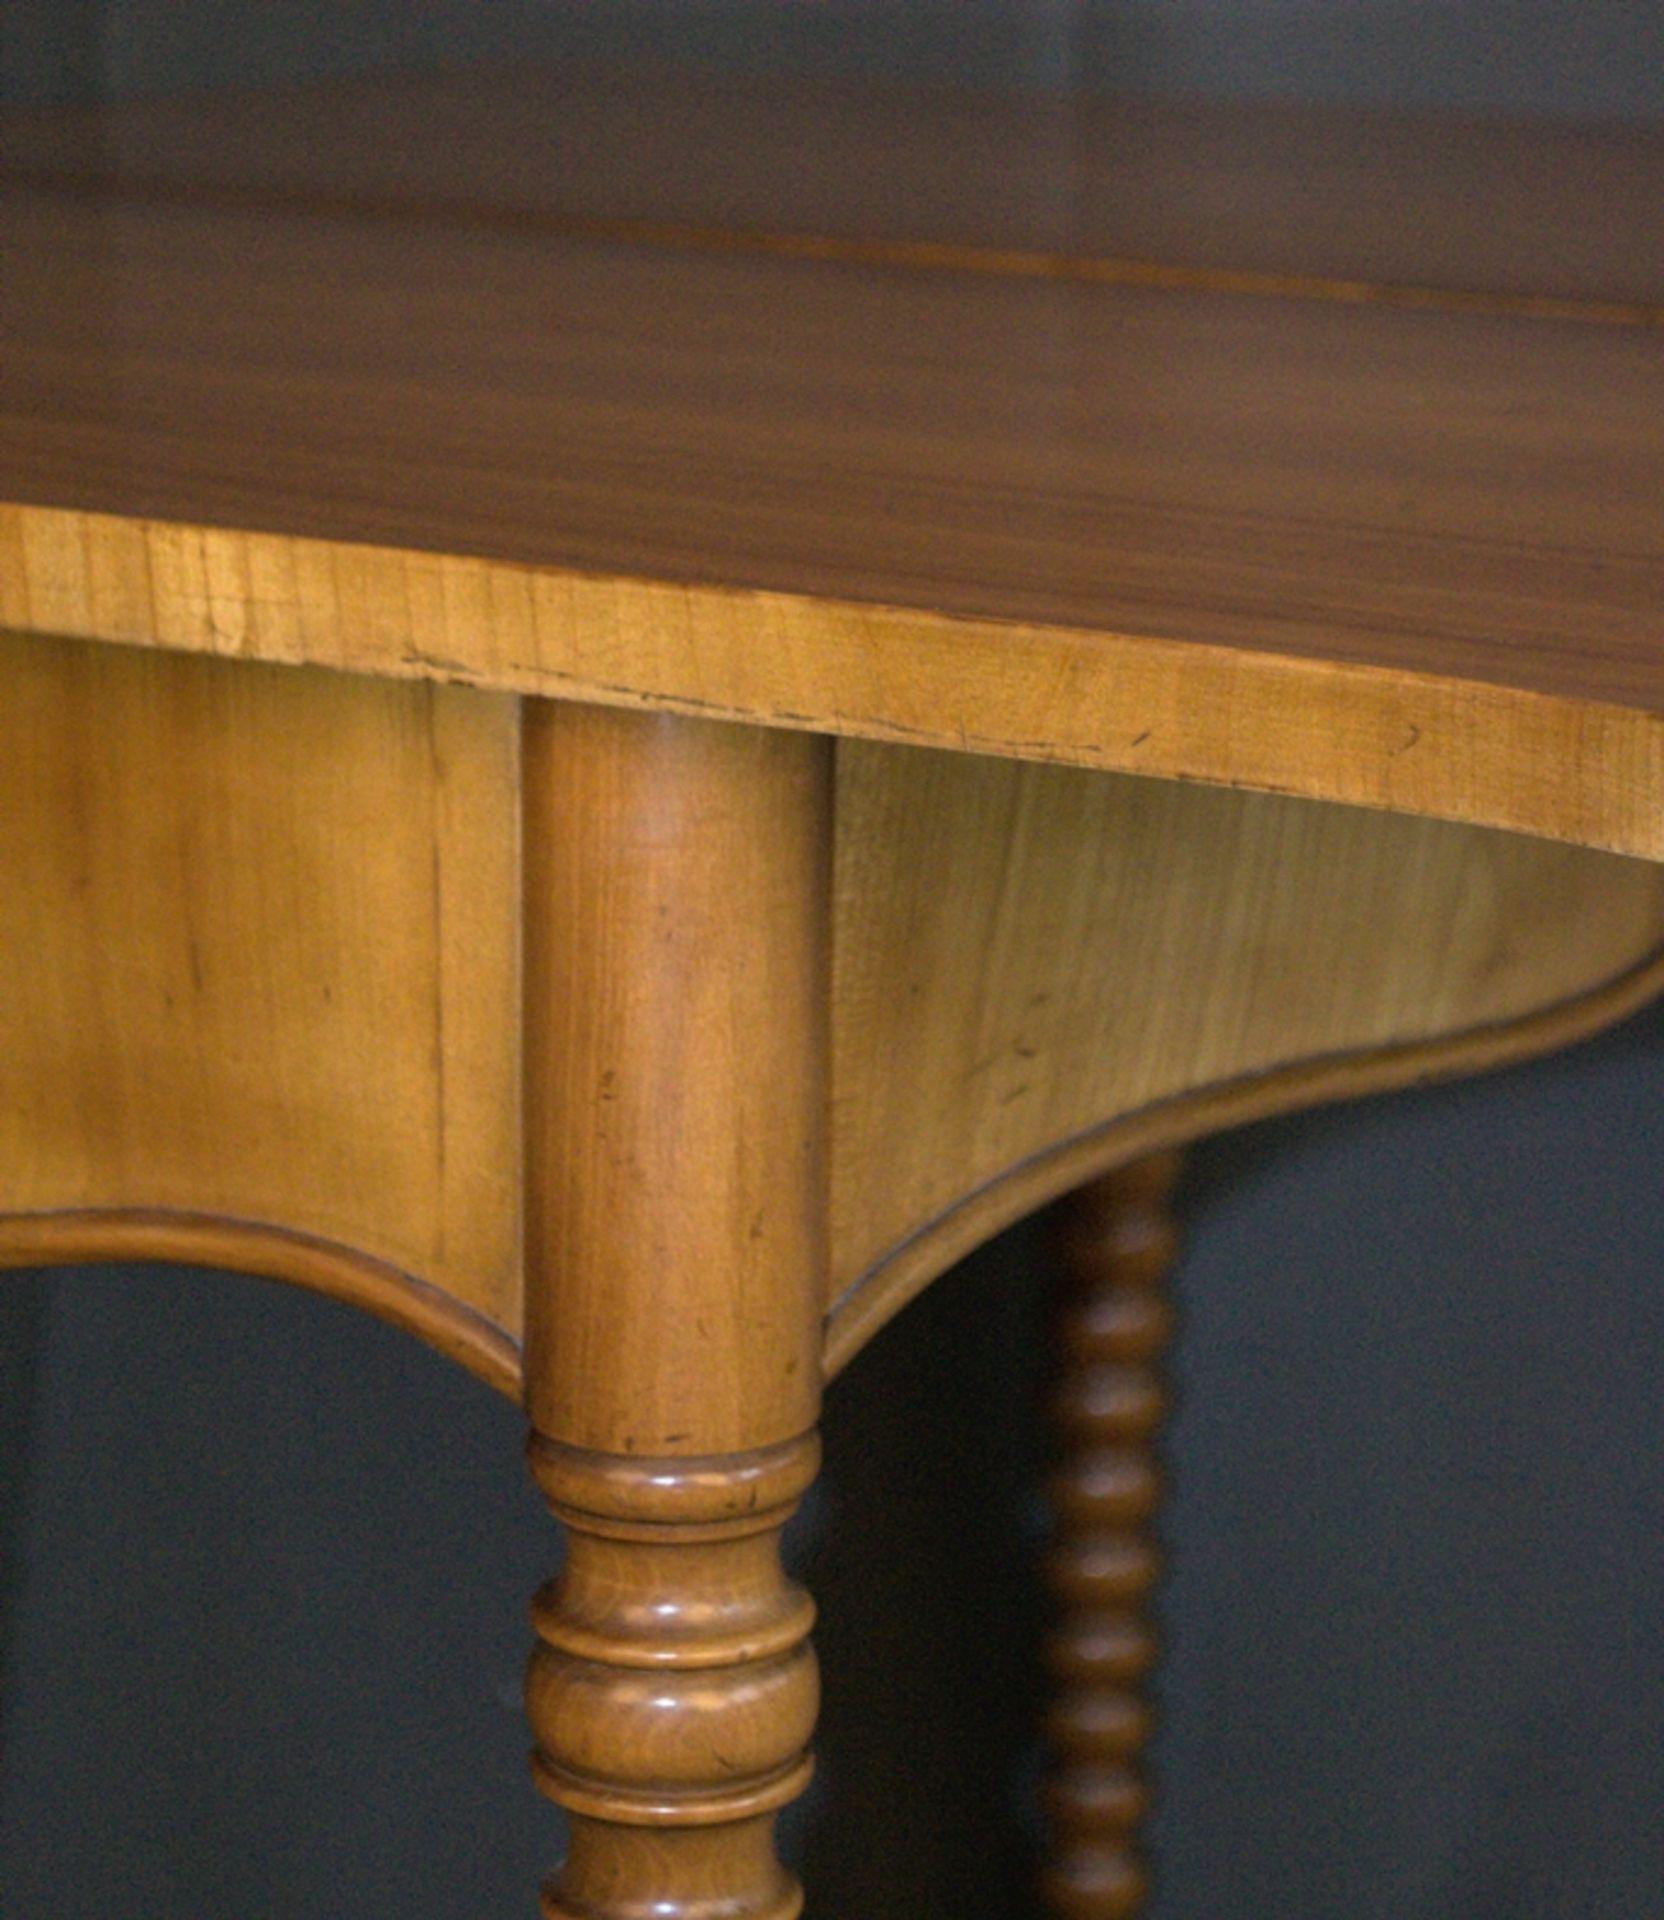 Konsoltisch/Spieltisch. Spätes Biedermeier um 1840/50. Kirschbaum massiv & furniert. Gepflegter - Bild 9 aus 24